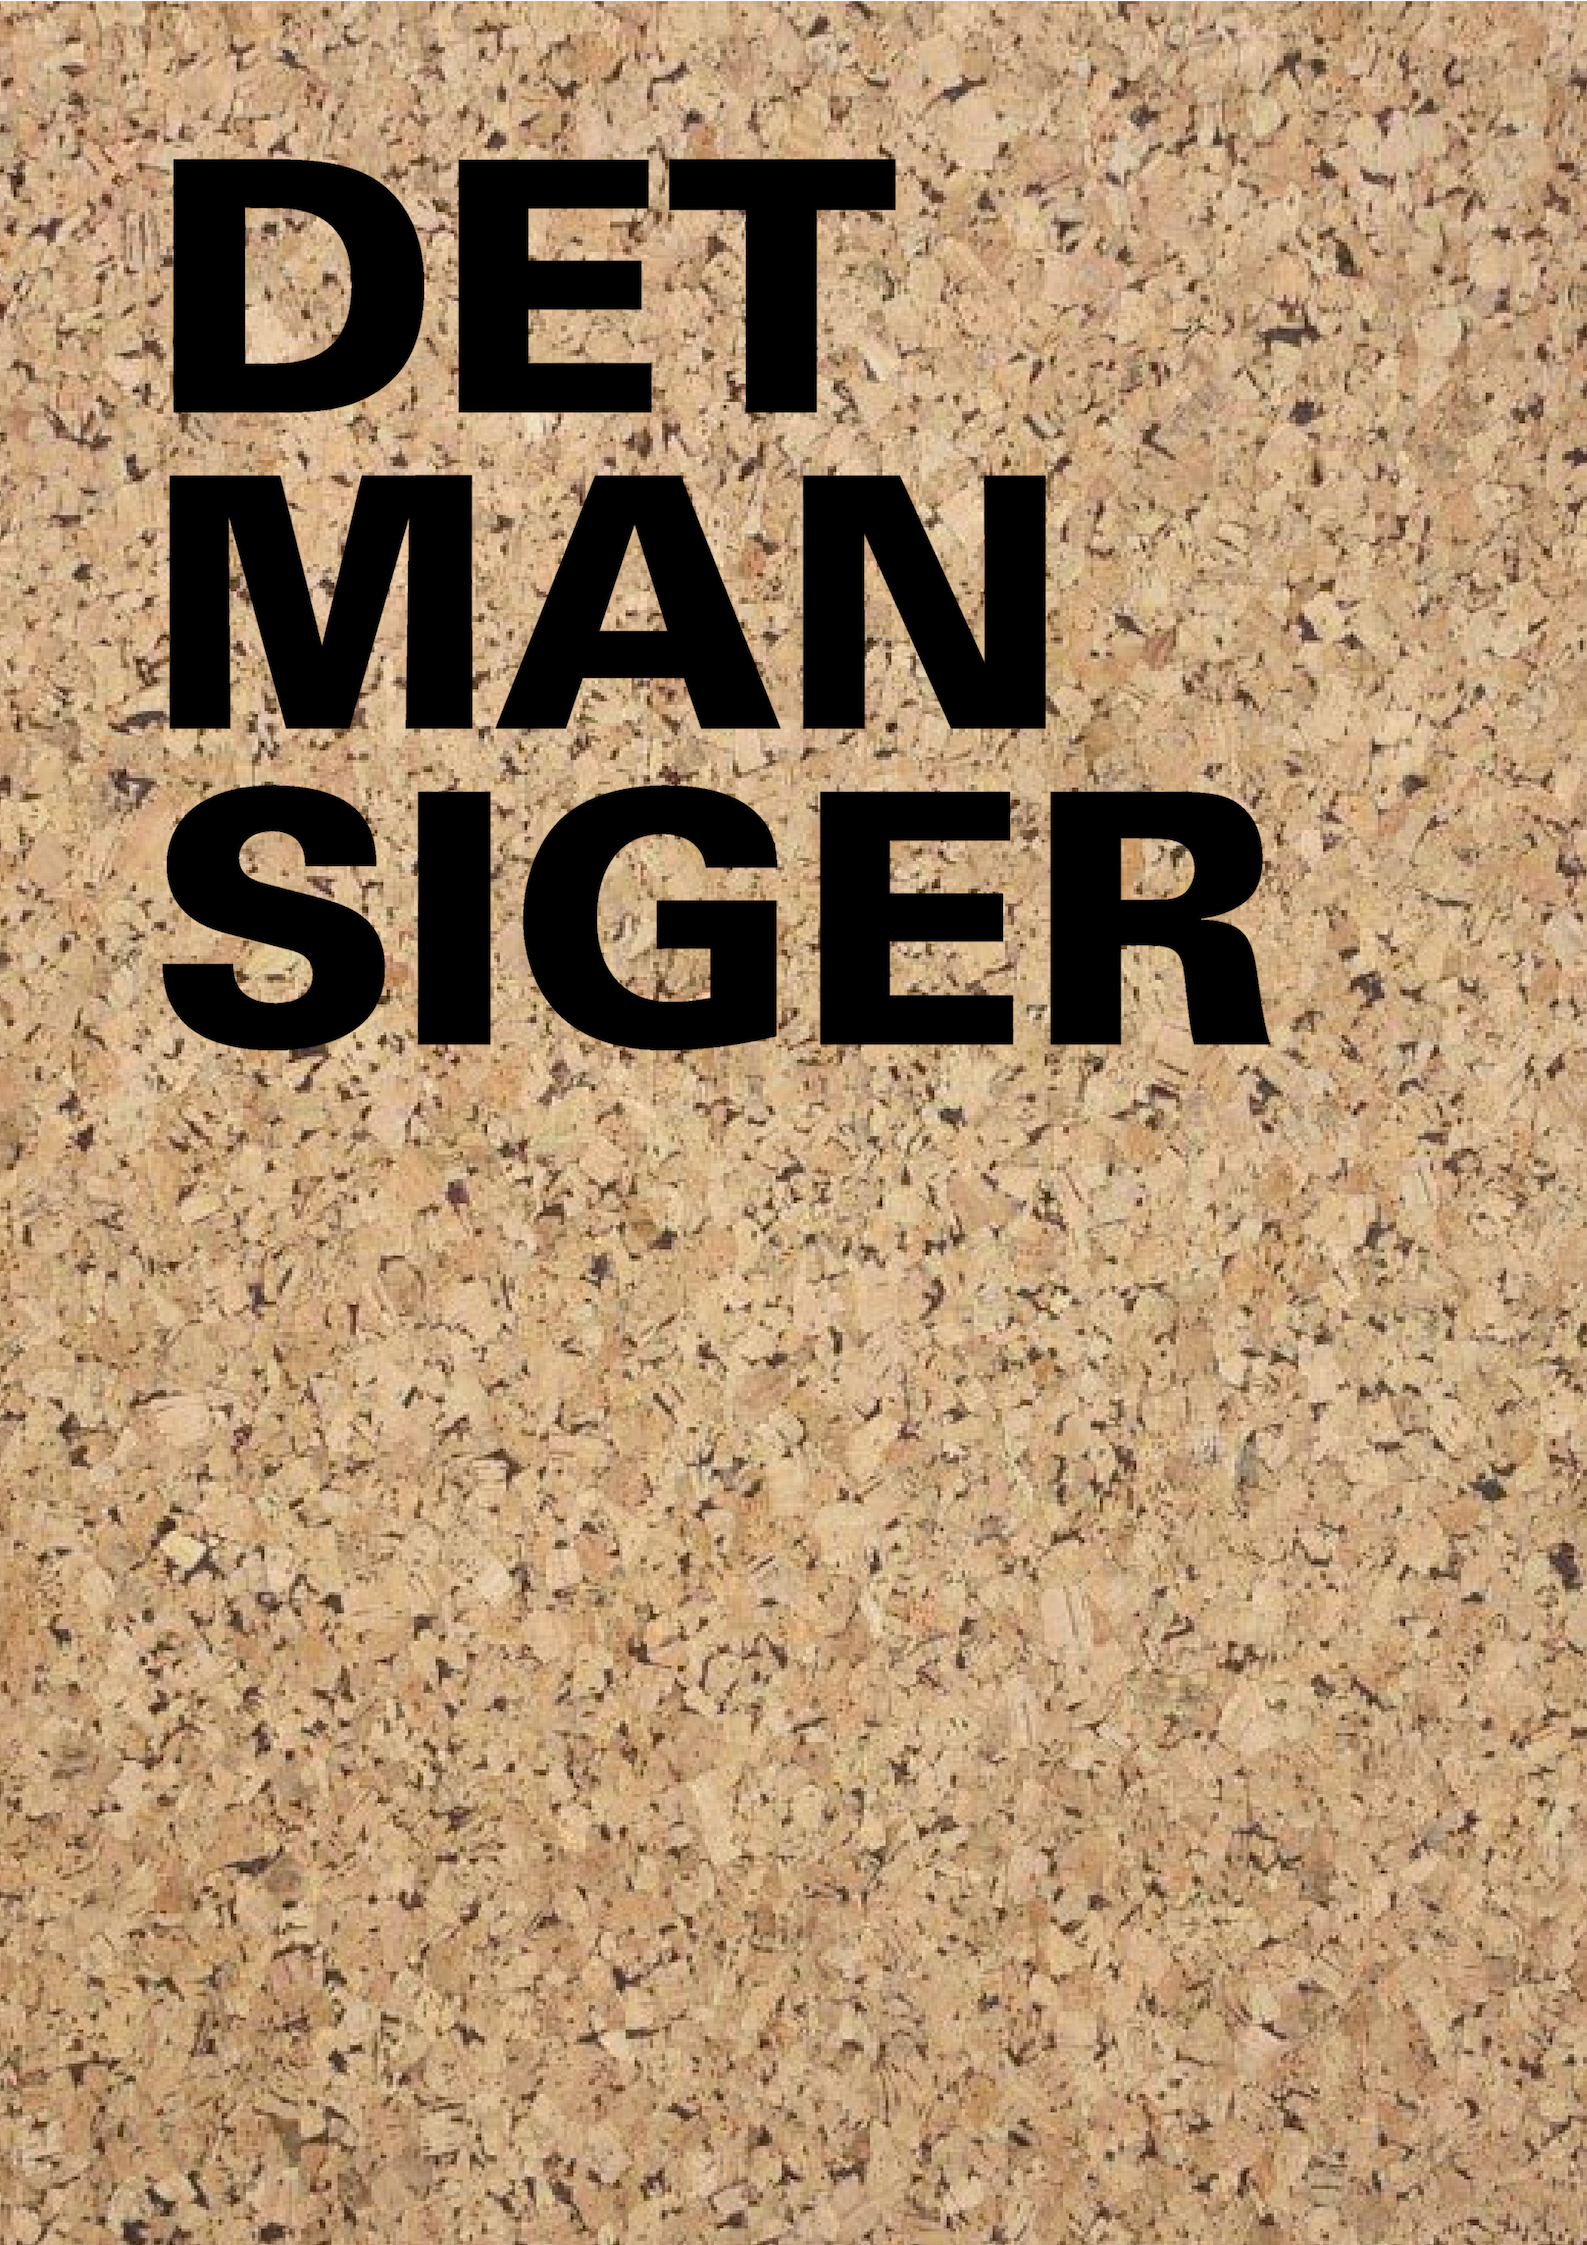 DET MAN SIGER - KONCEPT